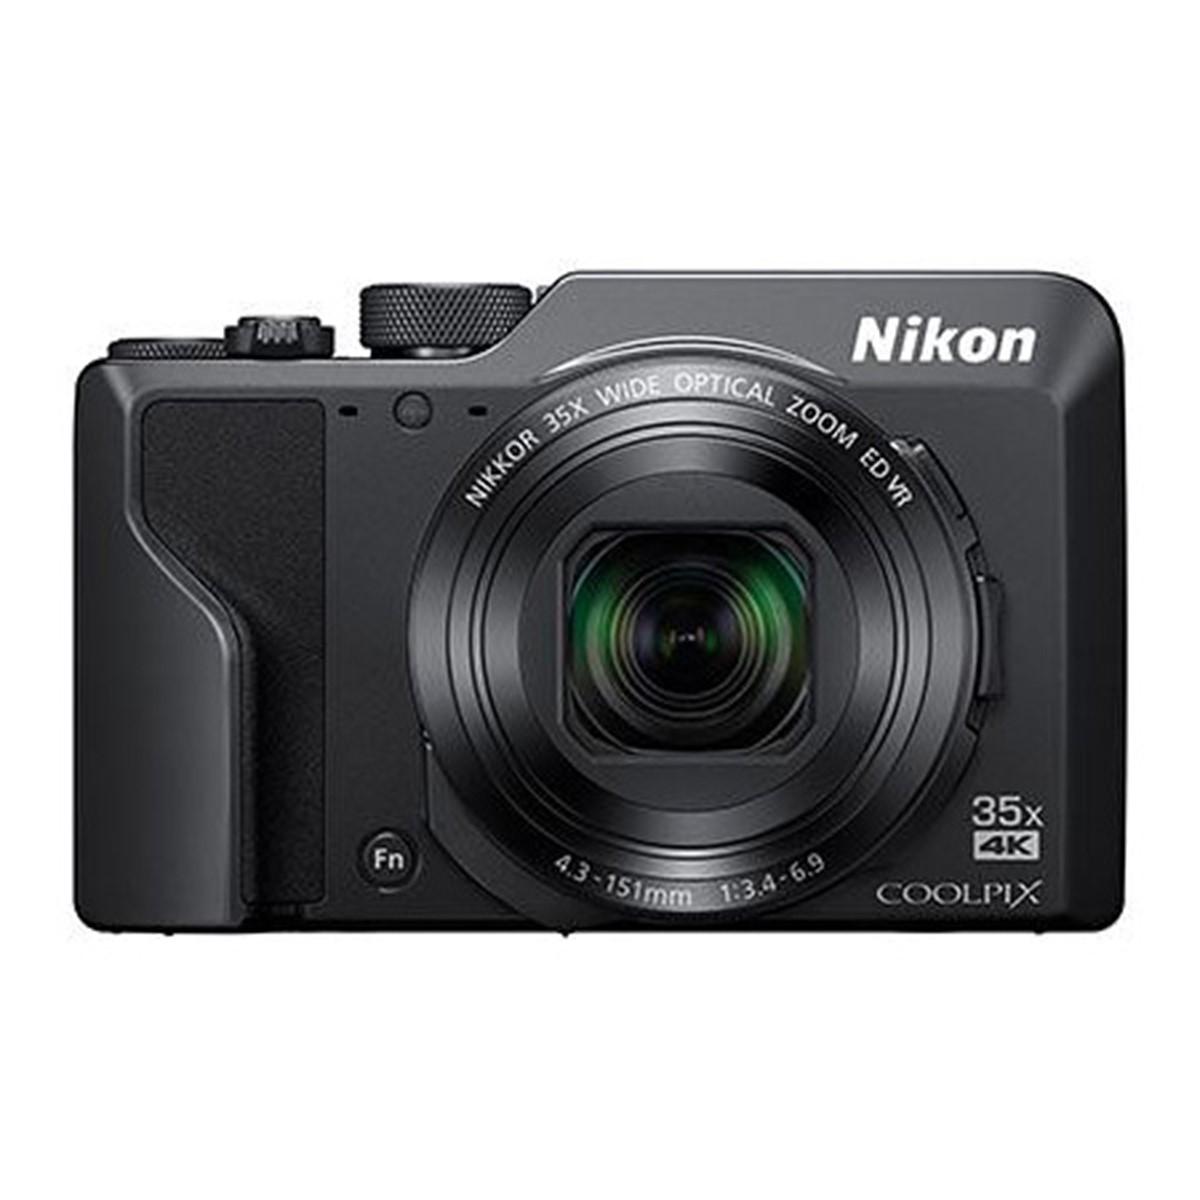 a28f74750a5 Nikon quietly announces Coolpix B600